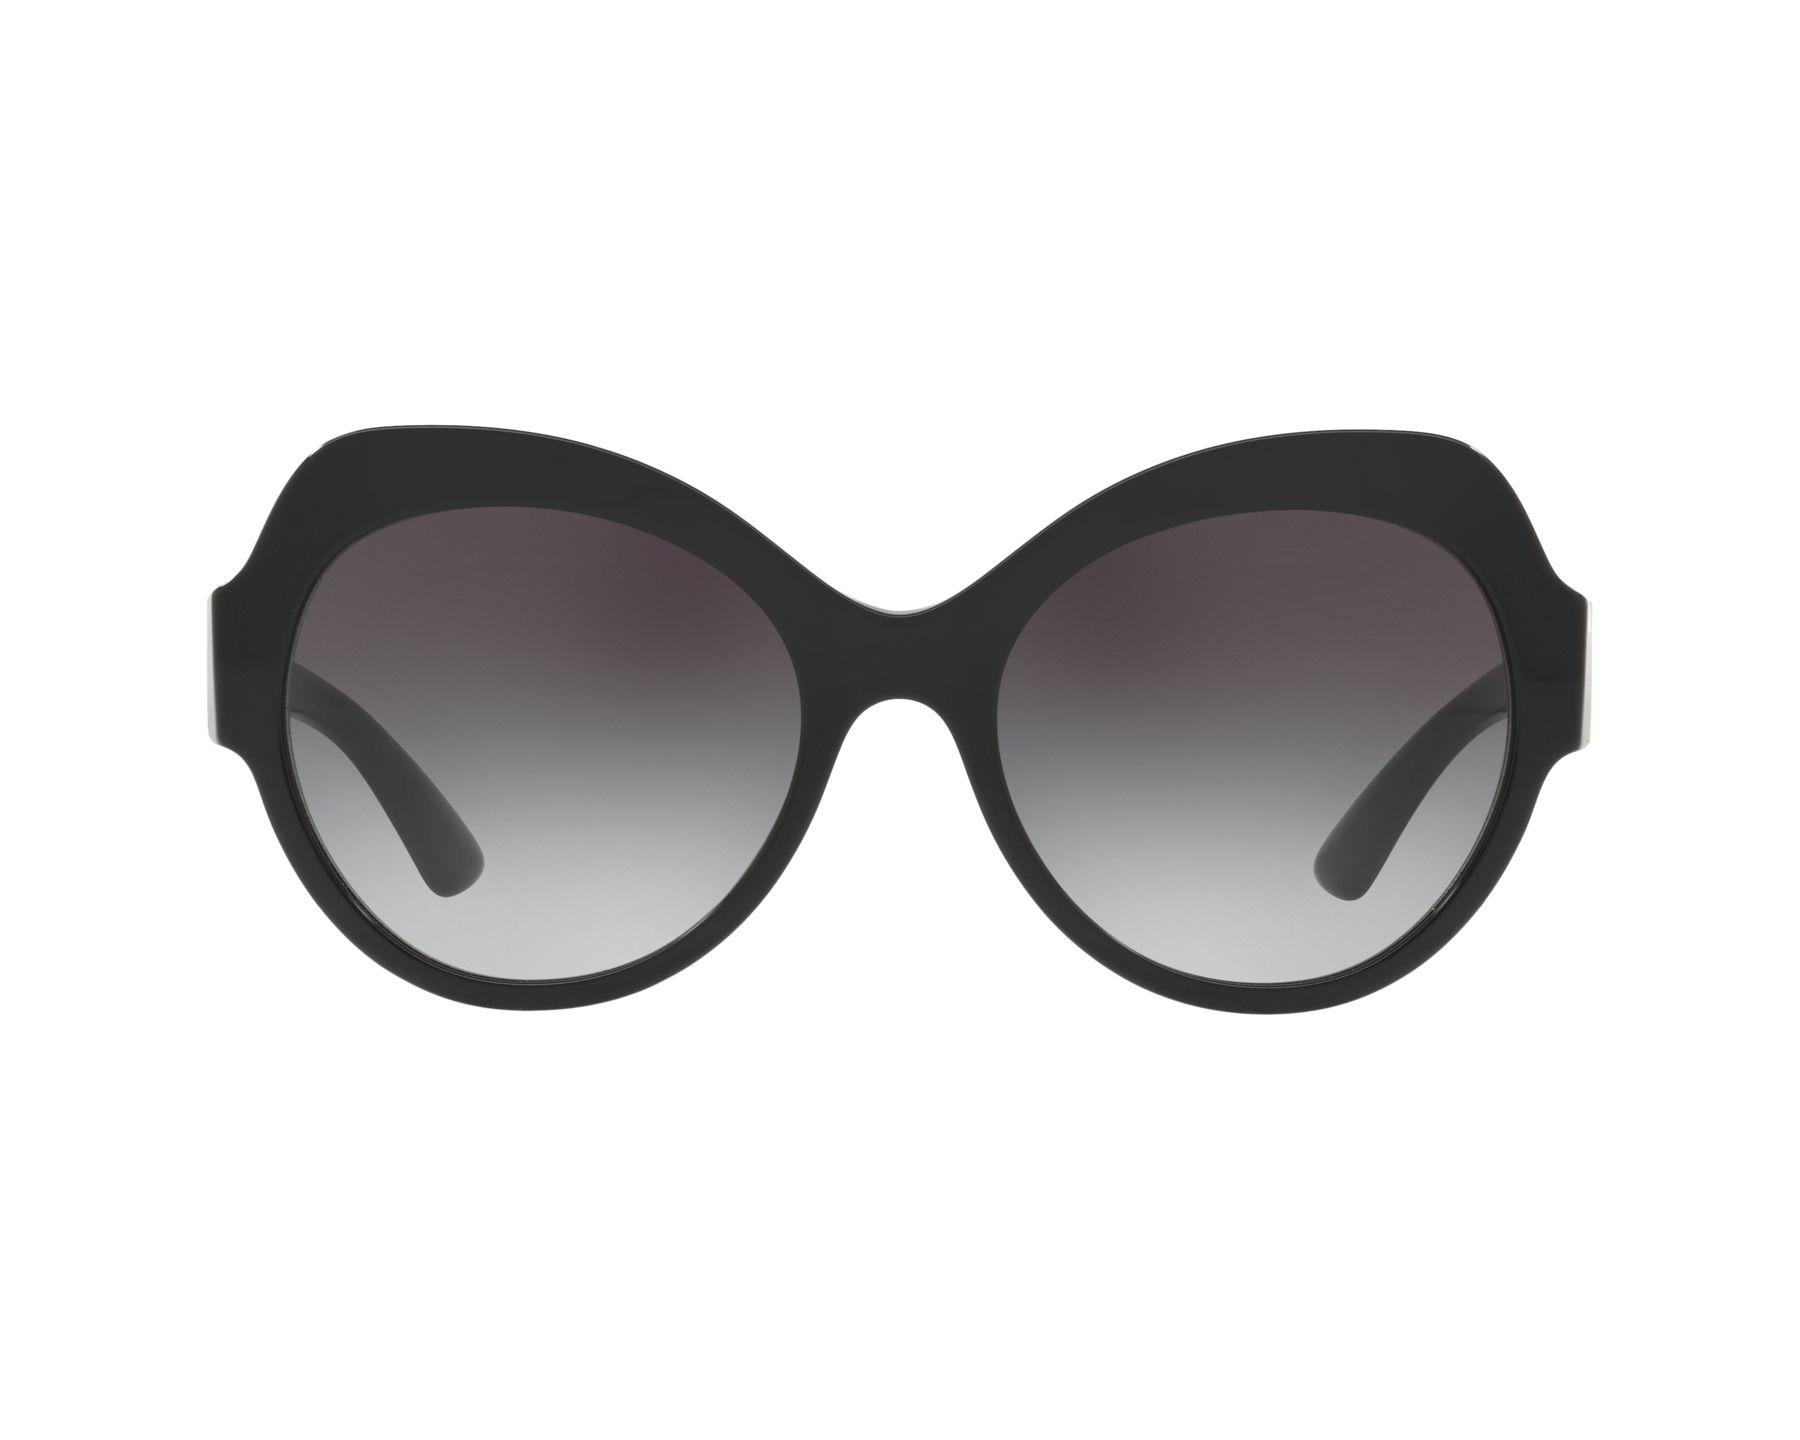 DOLCE & GABBANA Dolce & Gabbana Damen Sonnenbrille » DG4320«, schwarz, 501/8G - schwarz/grau